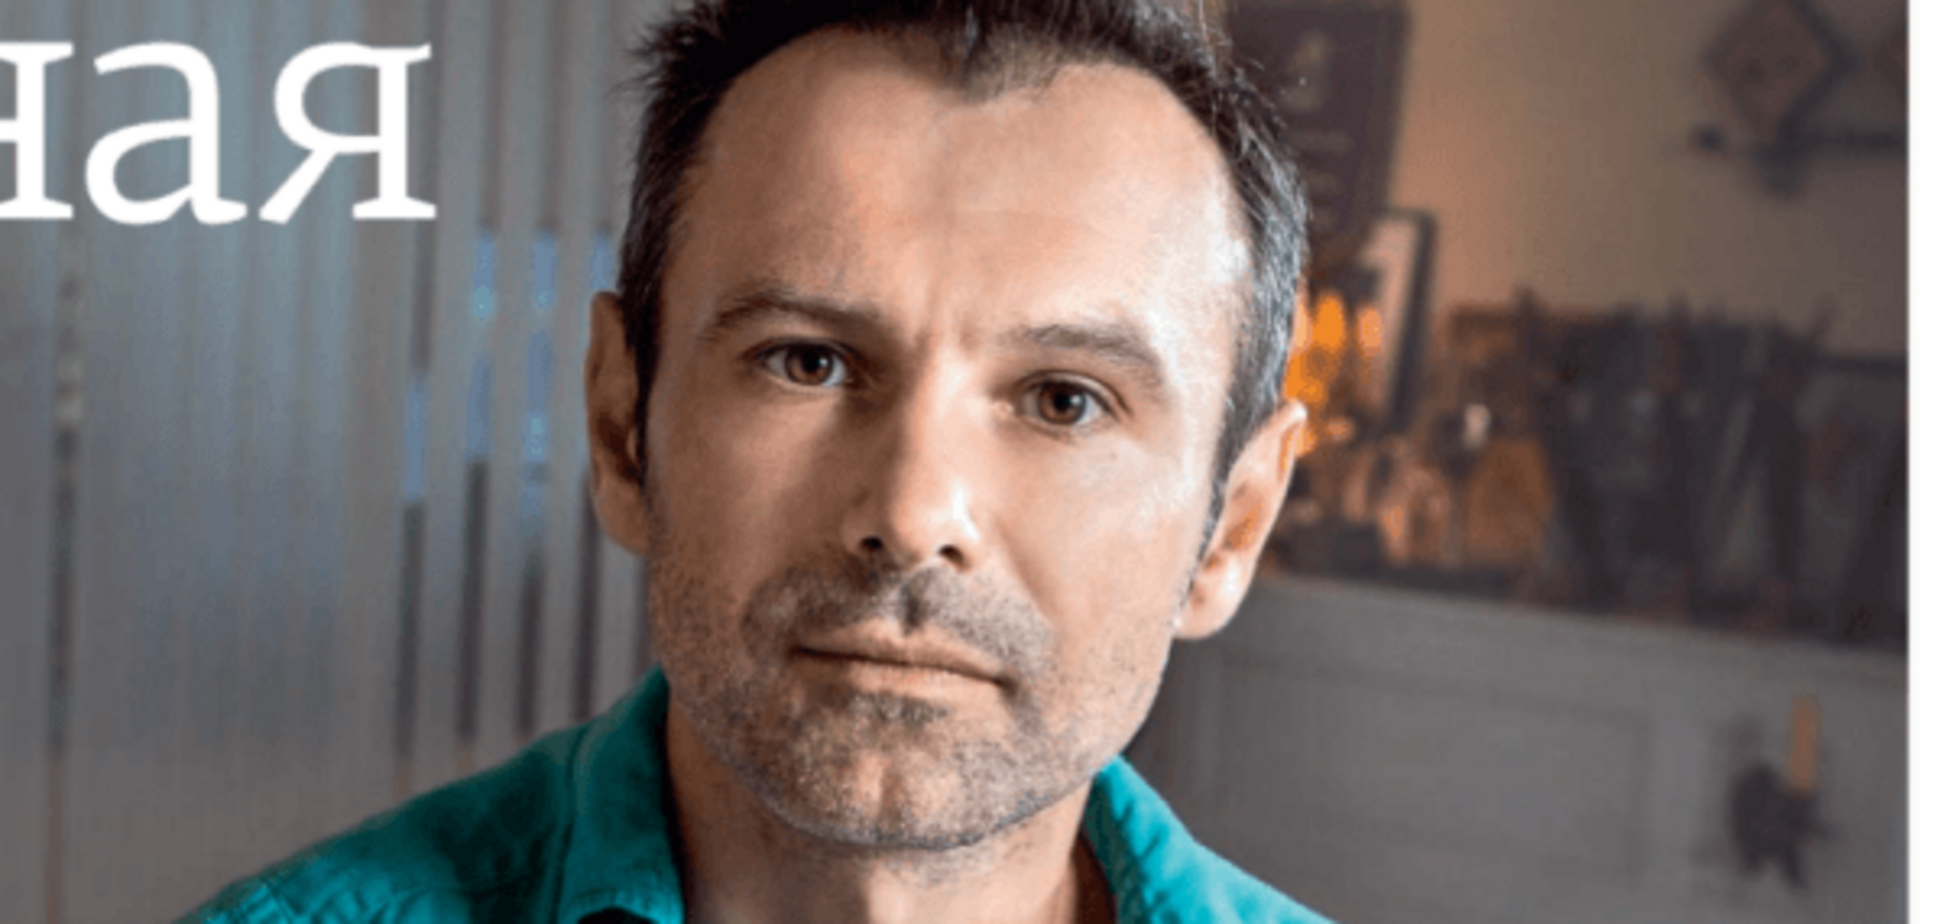 Вакарчук перечислит 200 тыс. грн пострадавшим в бойне под Радой